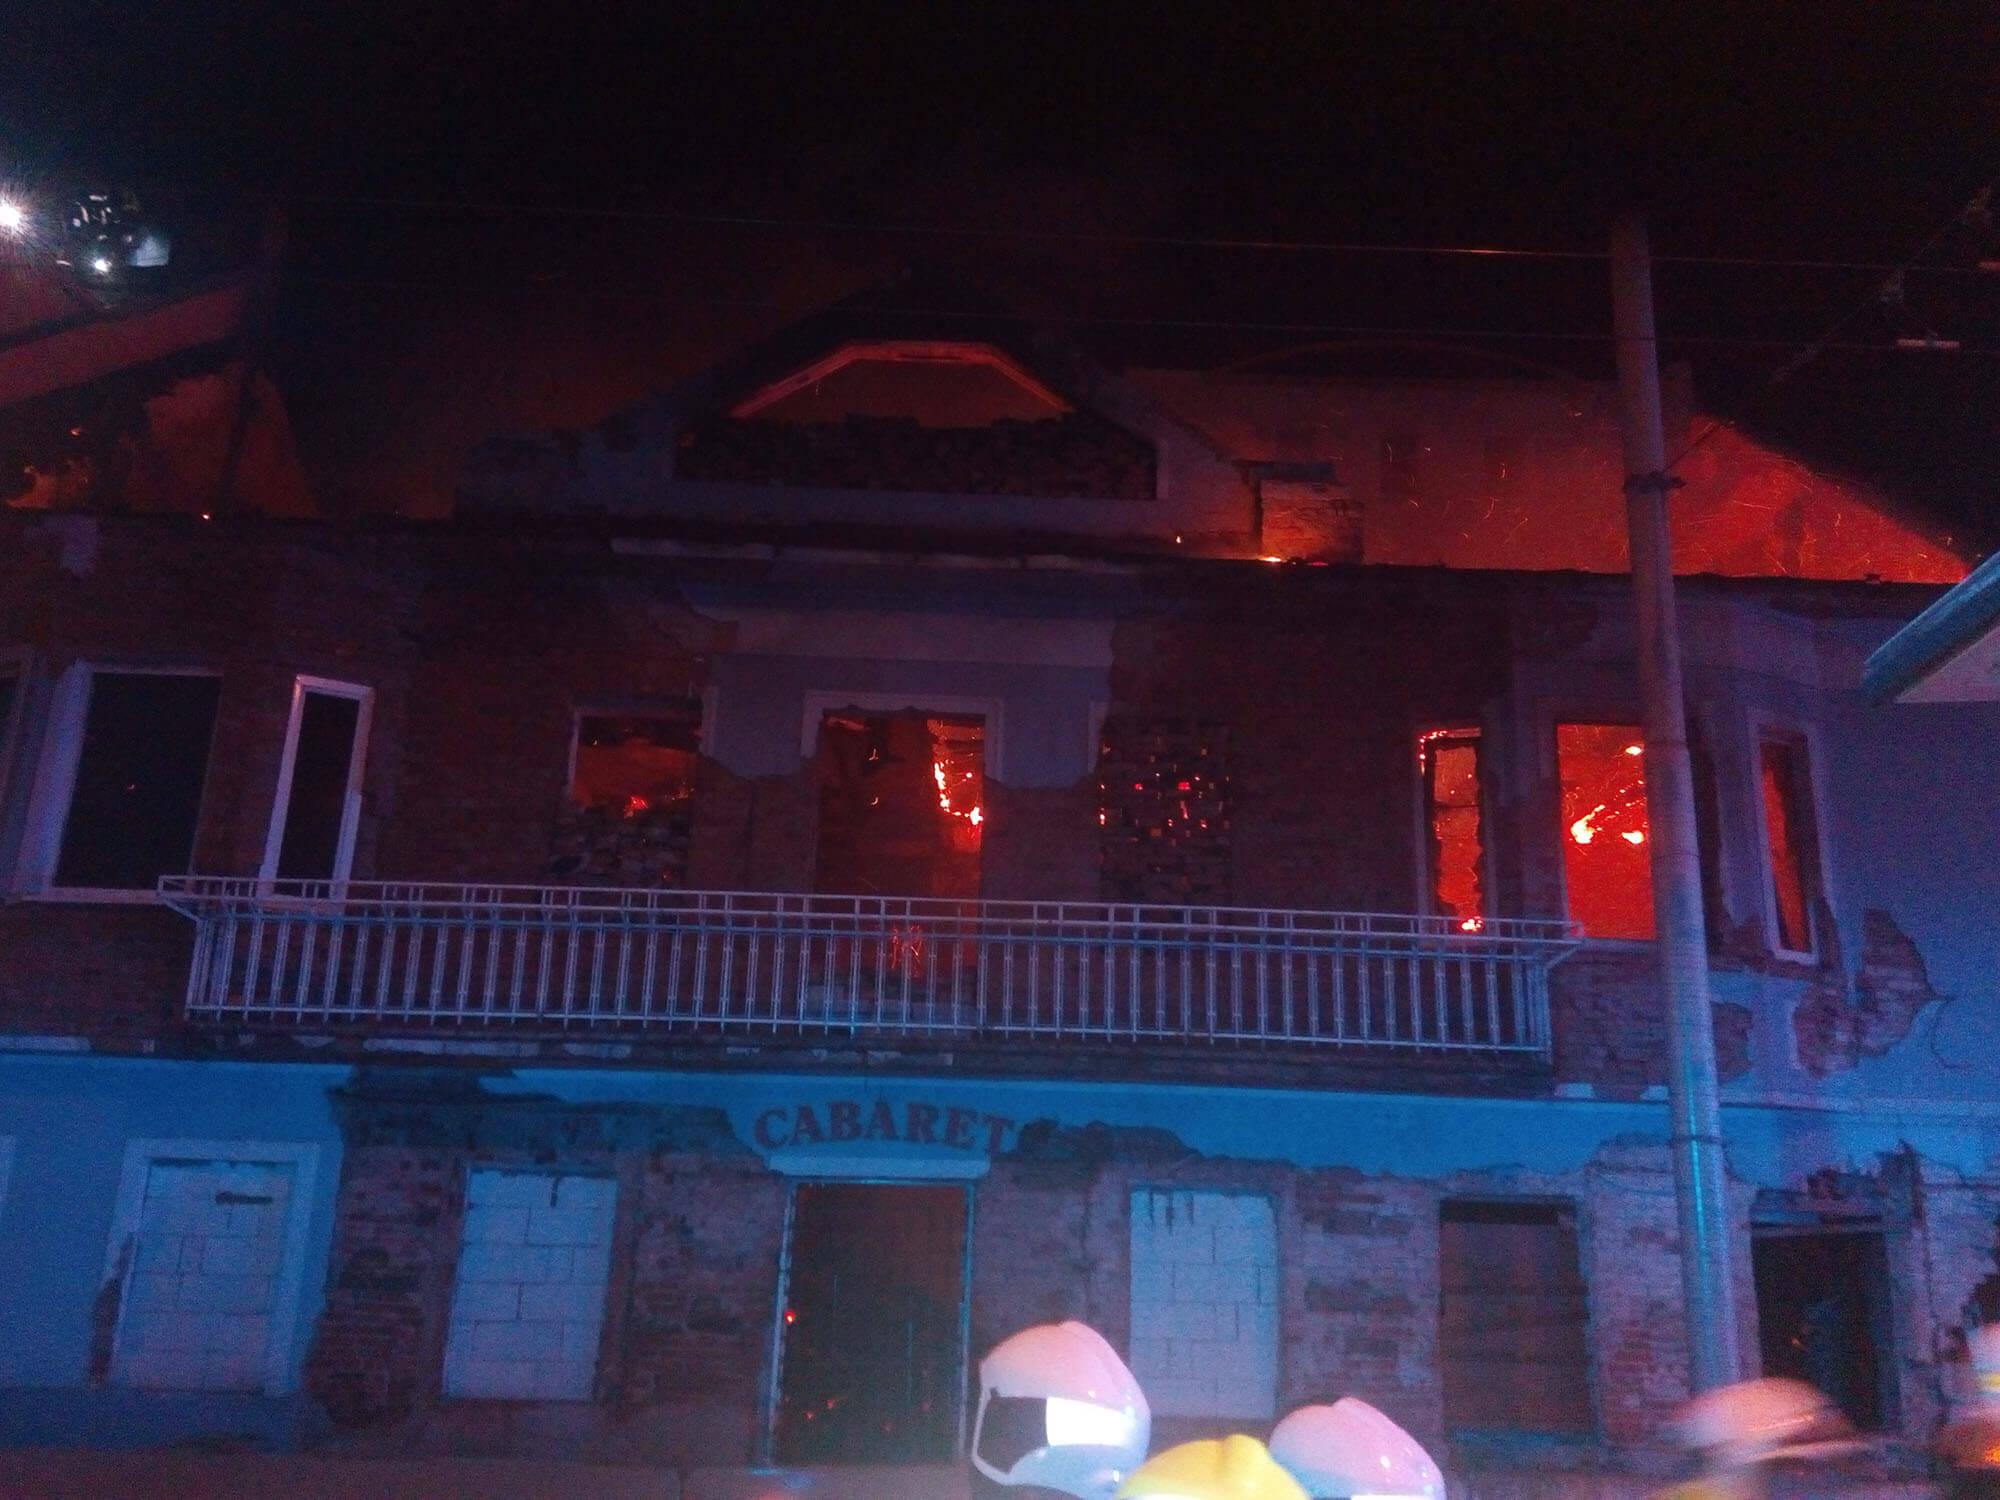 Požár bývalého kabaretu v Českých Budějovicích